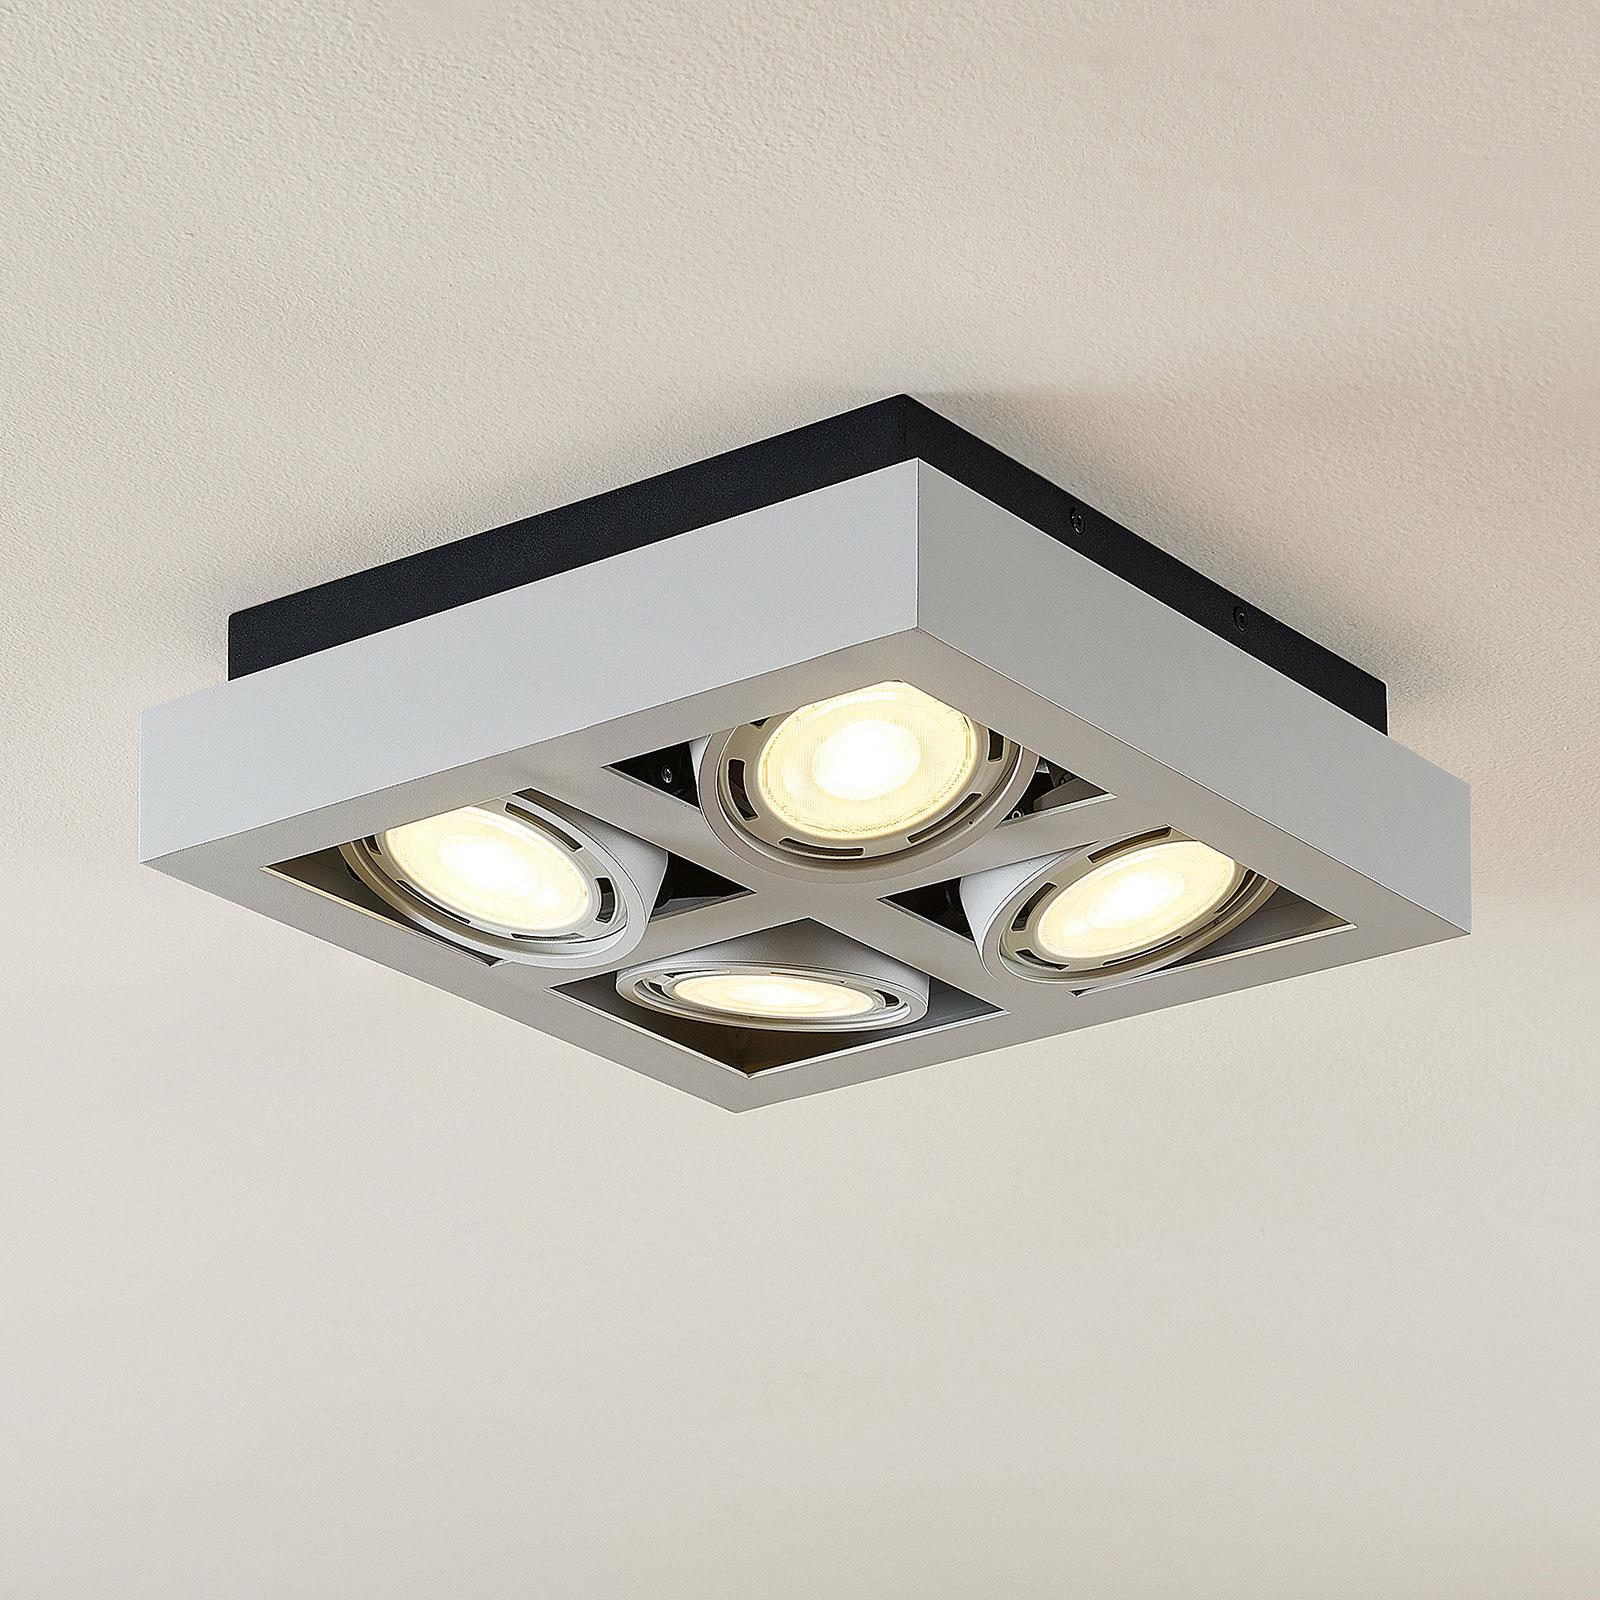 LED loftspot Ronka, 4 lyskilder, kvadratisk, hvid